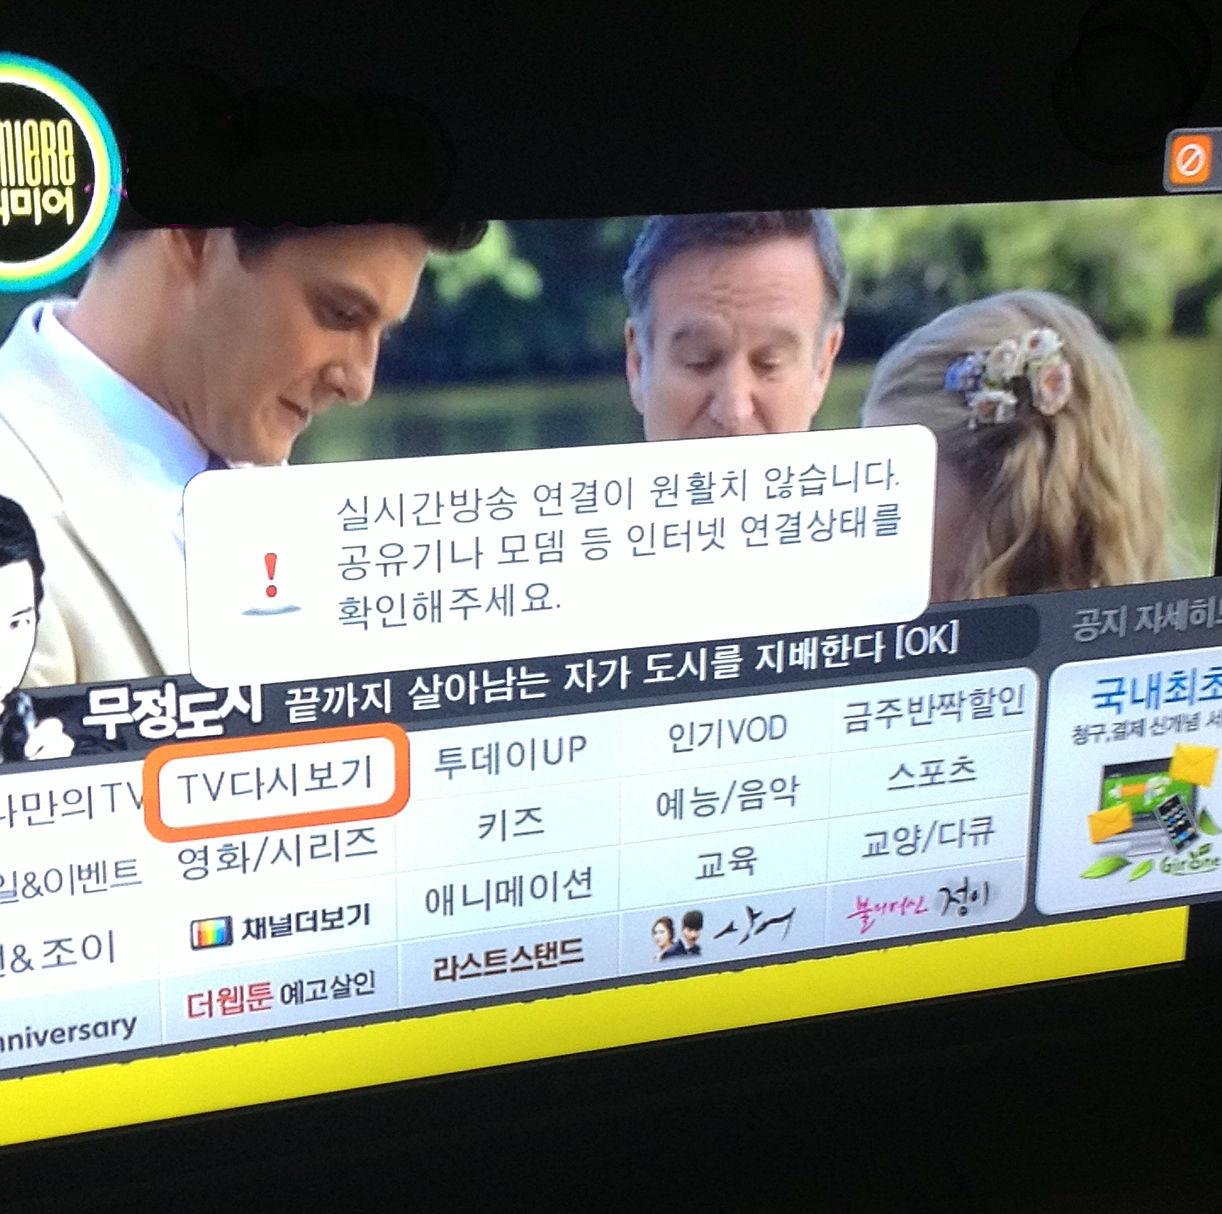 최근 사용자들은 TV를 필수품으로 인식하고 있고 거실에서 가장 주목받는 위치를 차지하고 있다. 최근에는 스마트폰을 시작으로 다양한 기기들이 온라인과 연동(Connected)되기 시작했는데 TV는 '스마트 TV'라는 이름으로 이러한 흐름의 선두에 서 있다.